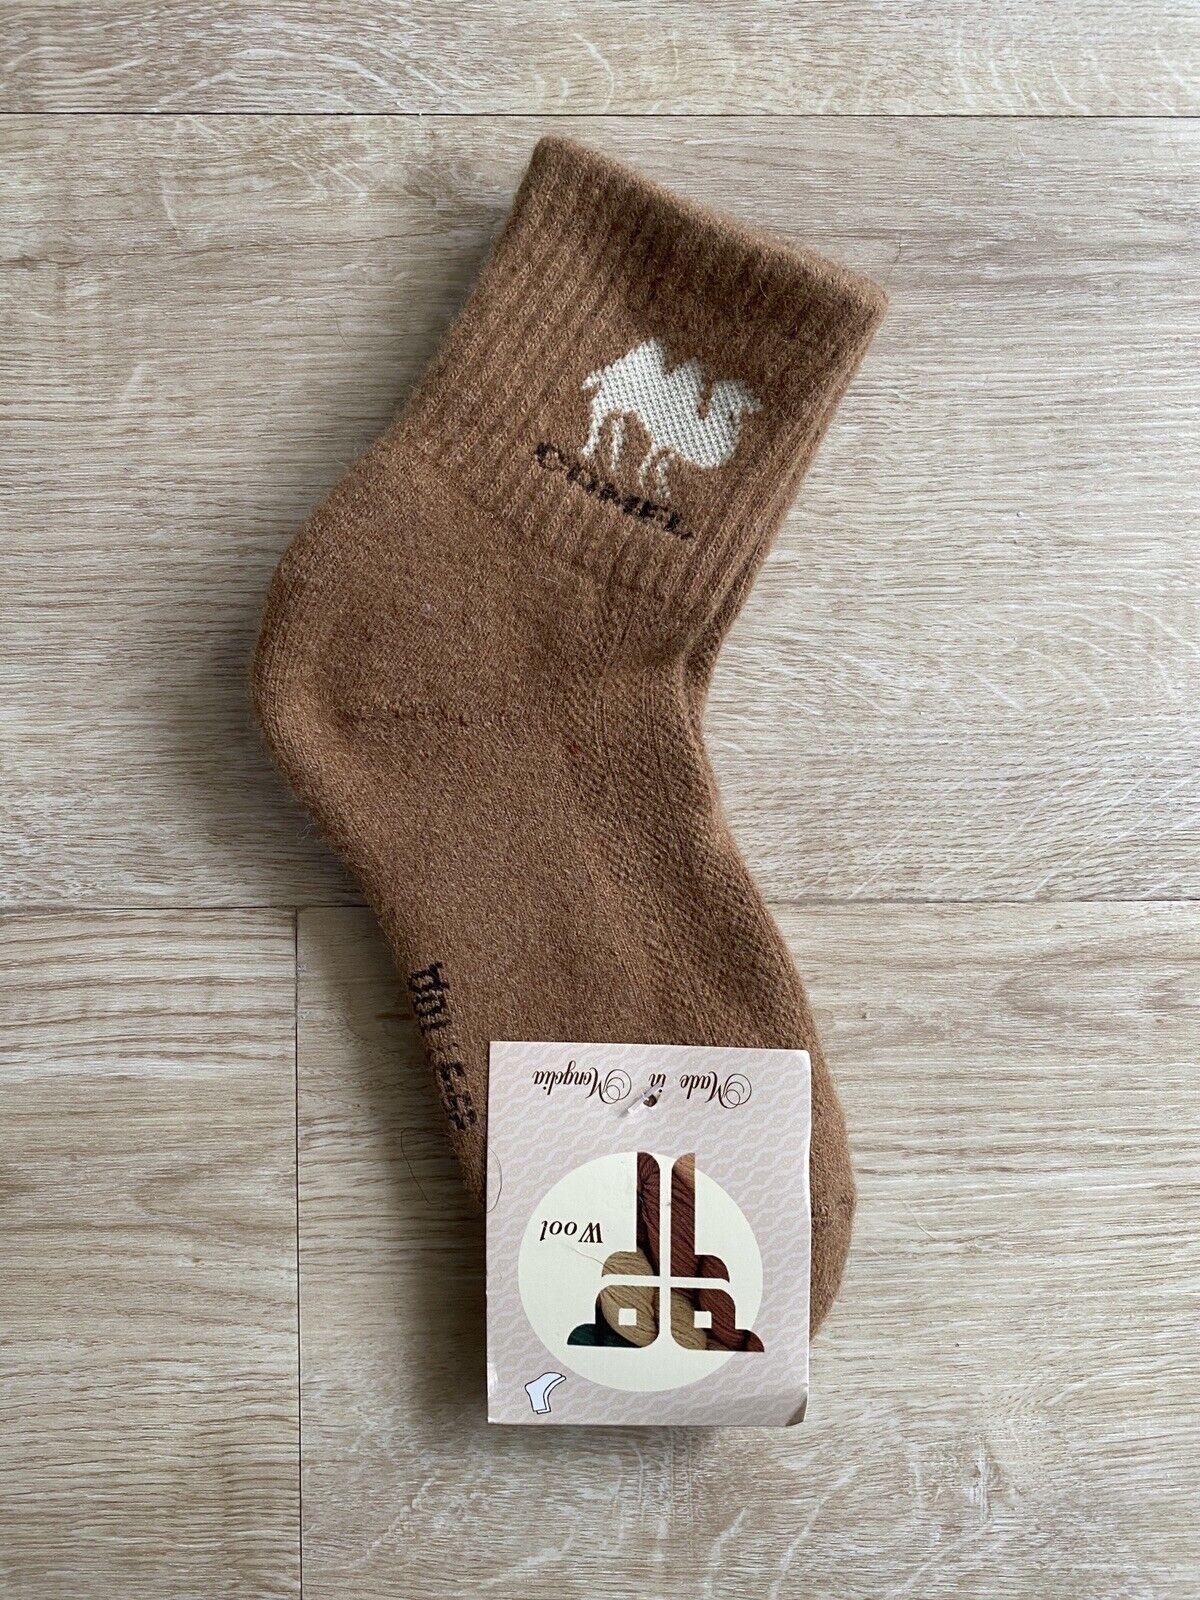 YAKWOLLE Socken 35-37 Groß, Yak und Camel Wolle aus der Mongolei (Camel Braun)